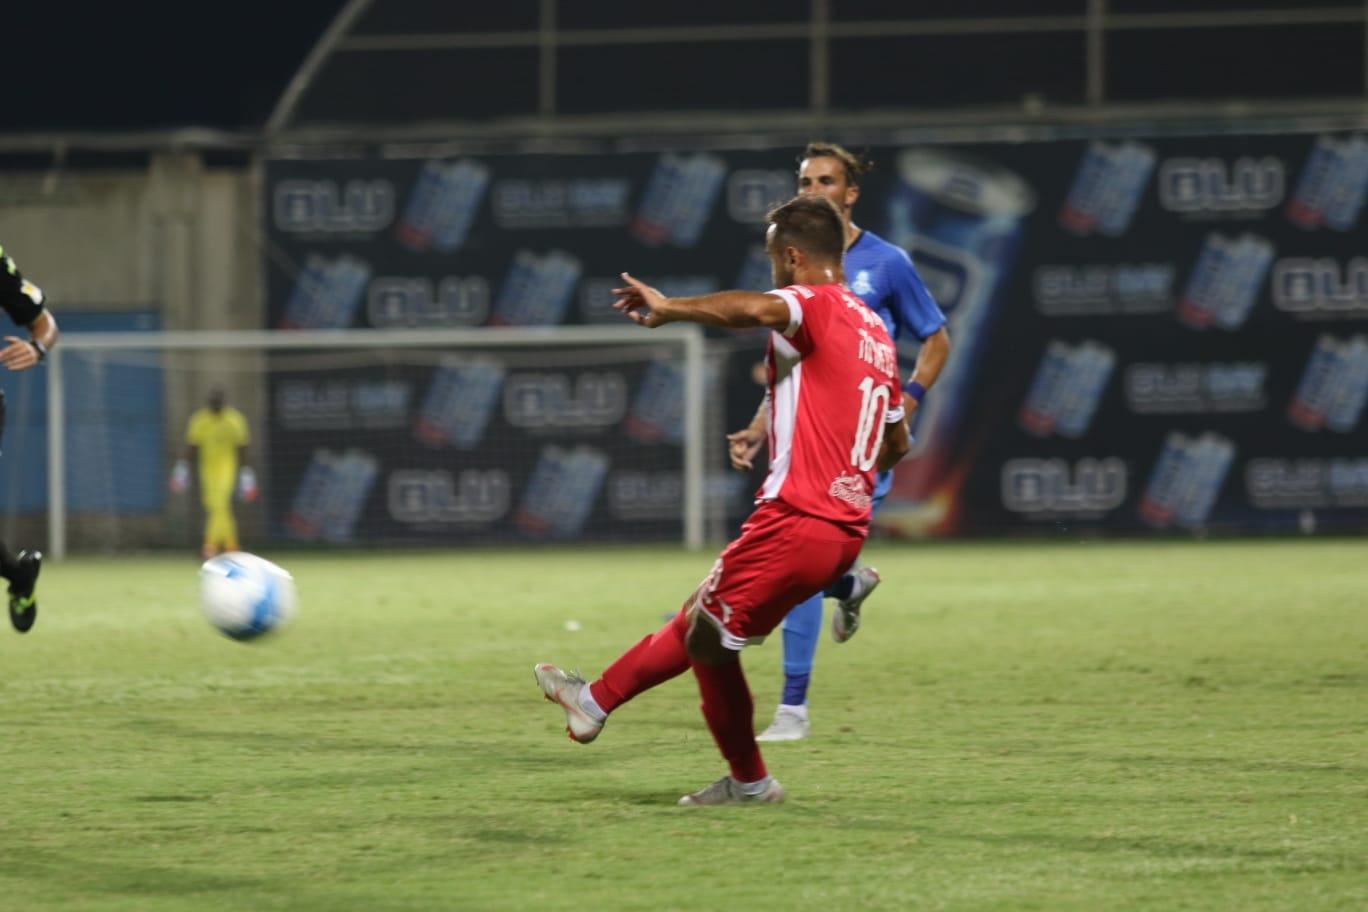 هـ. إكسال يحقق أول فوز له بالدرجة الممتازة